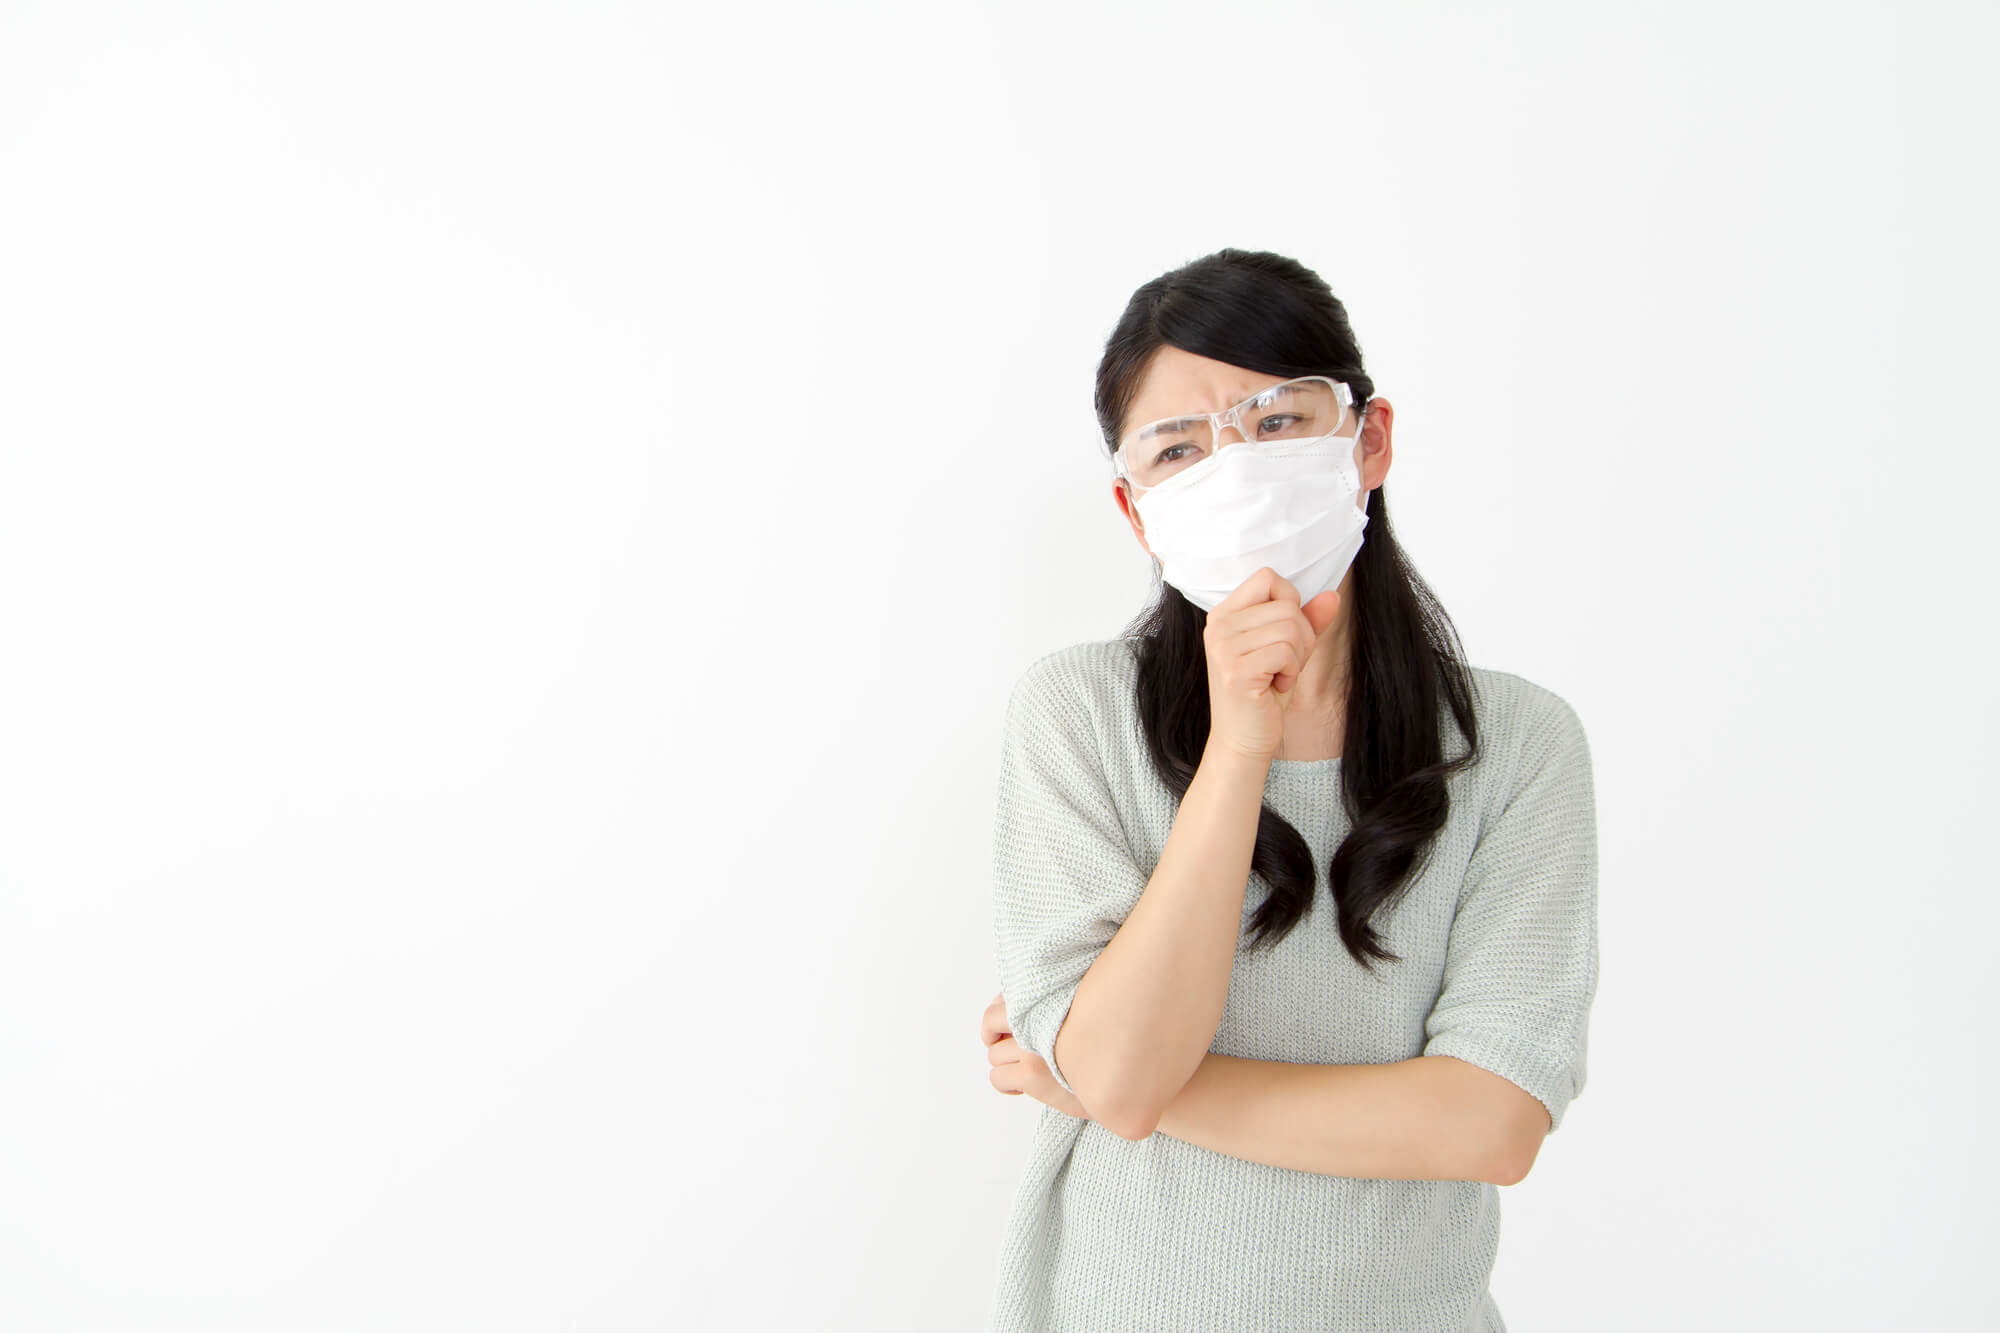 風邪や花粉症でマスクを外せない!バイト面接の時のマスクはあり?